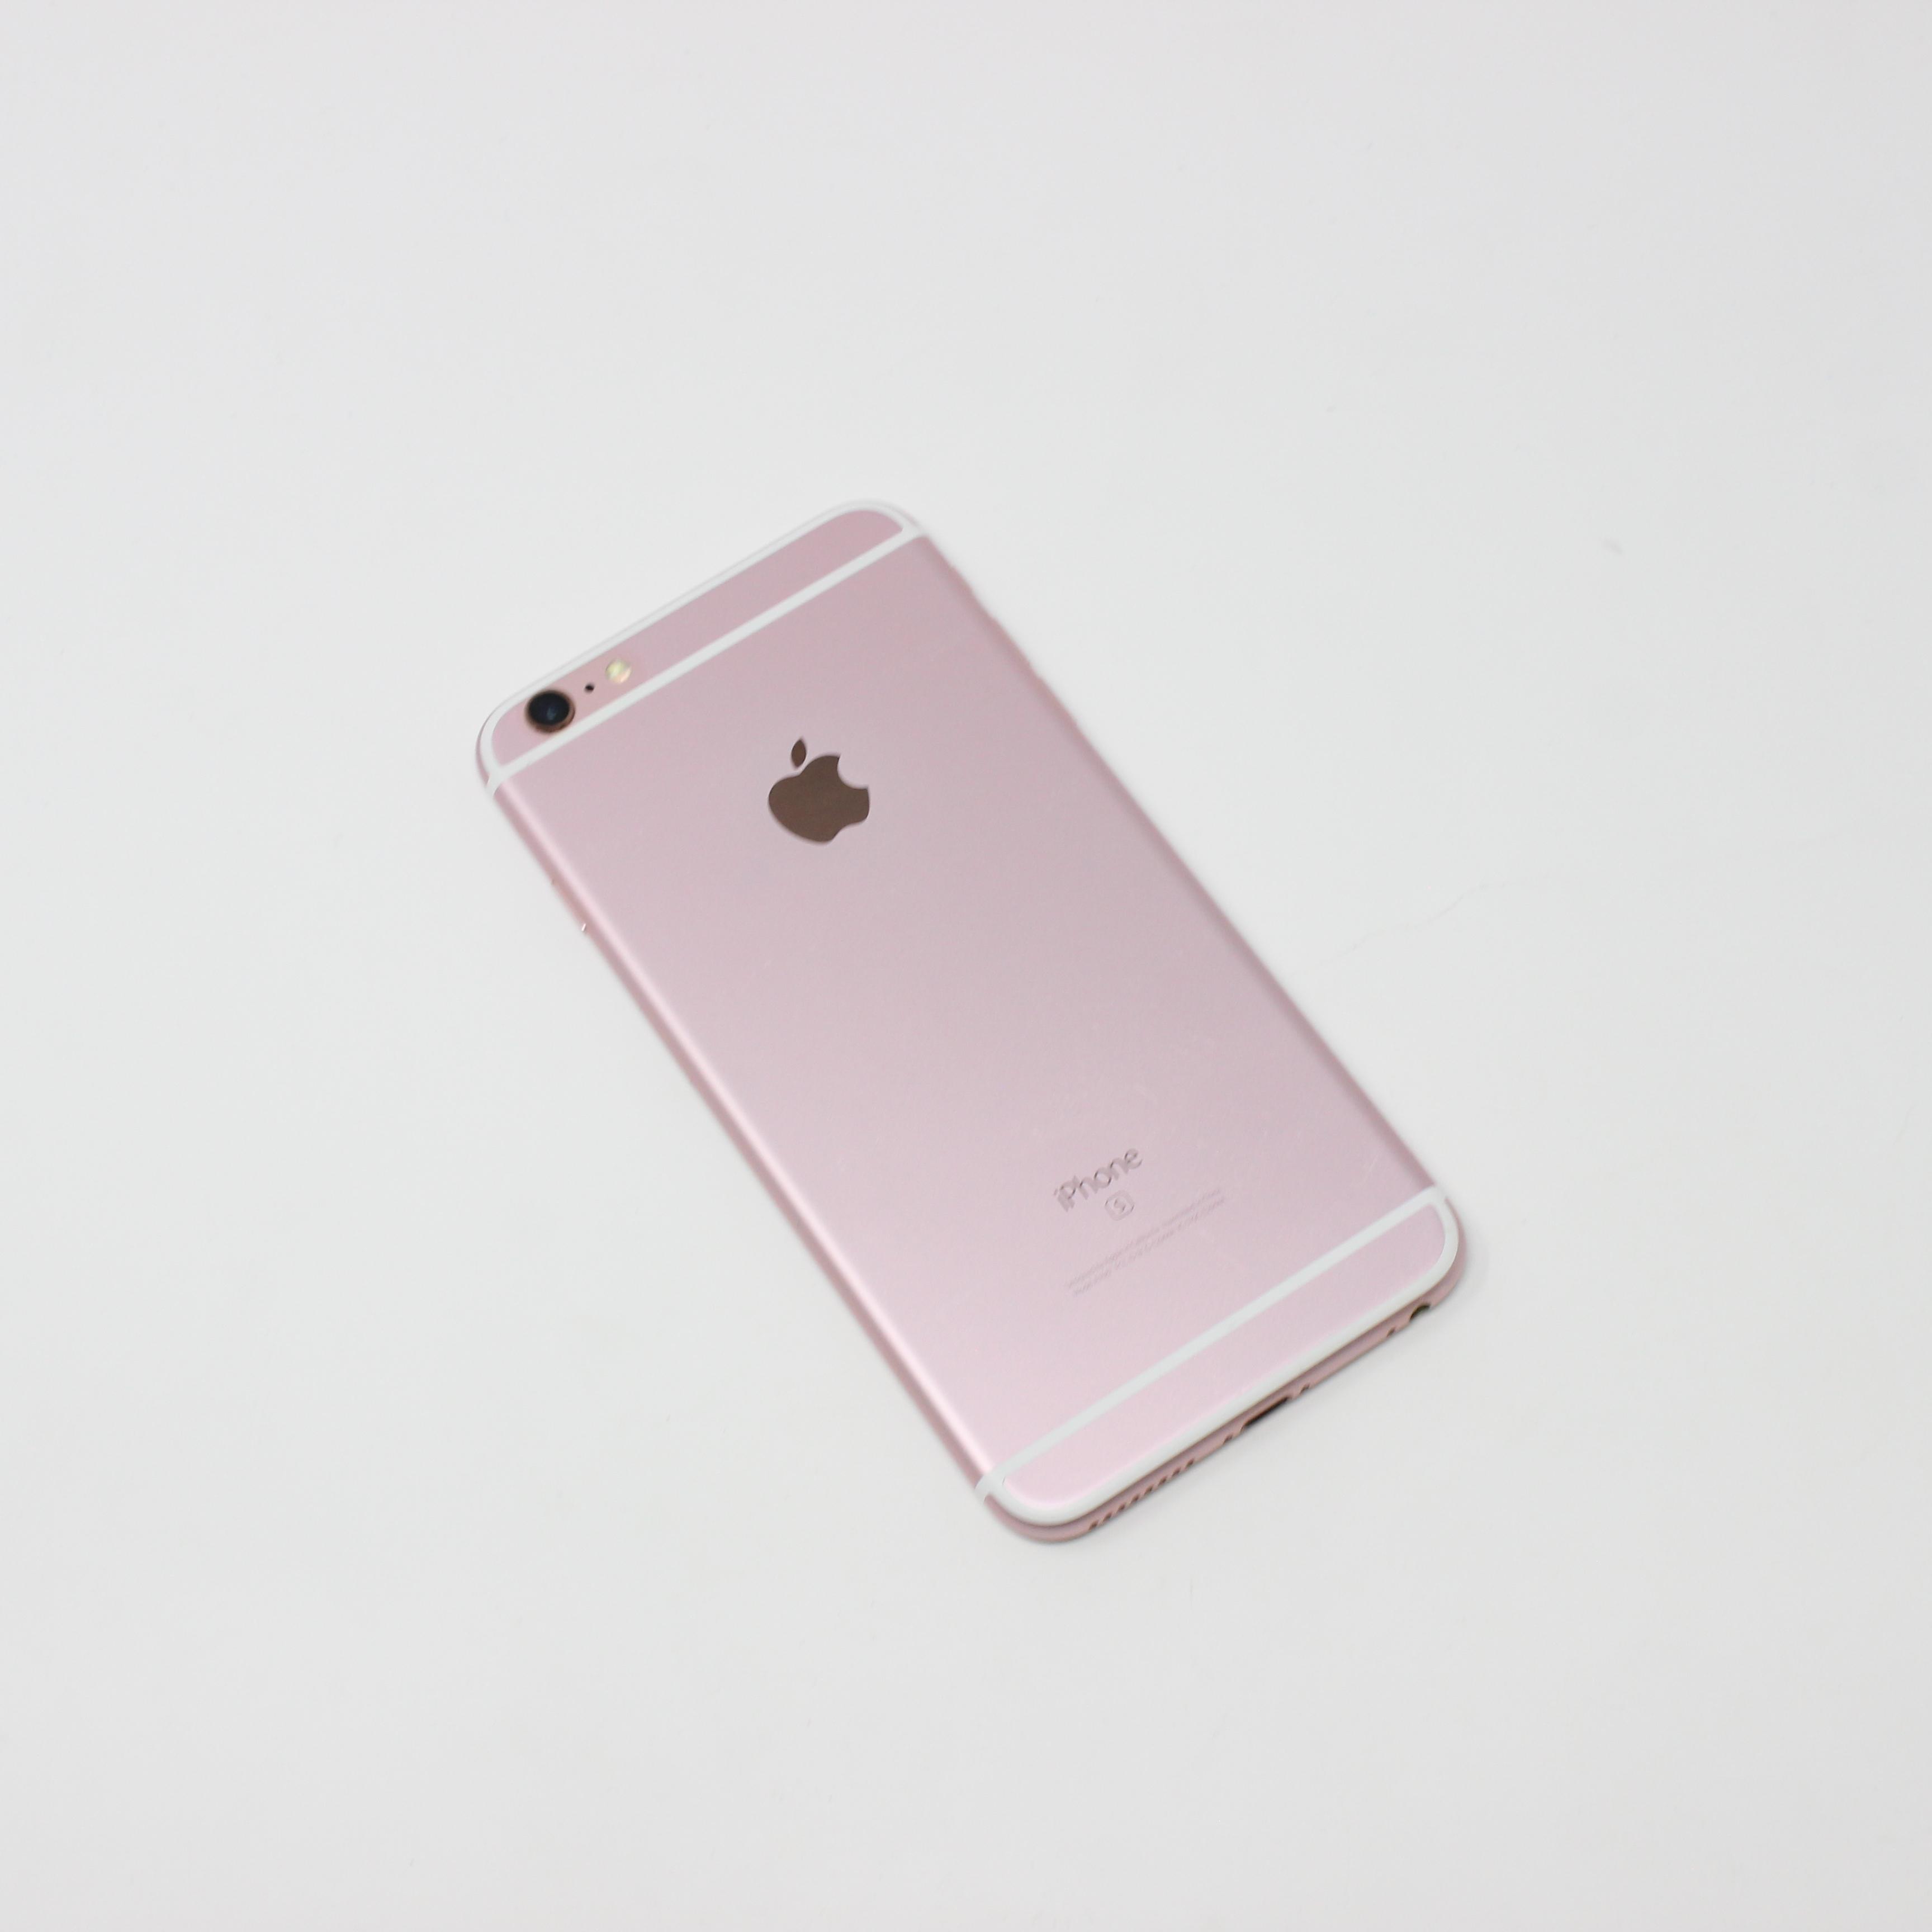 iPhone 6S Plus 16GB Rose Gold - Unlocked photo 3 | UpTradeit.com